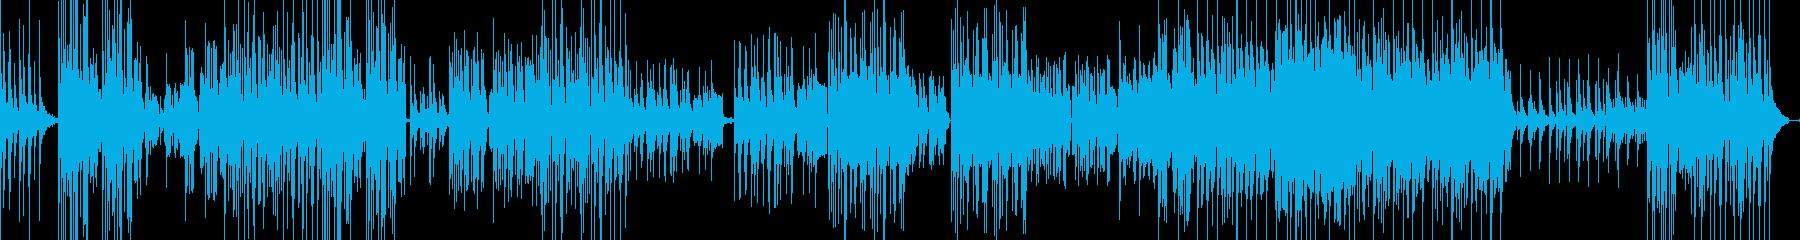 古いピアノが奏でる軽快なサウンドの再生済みの波形